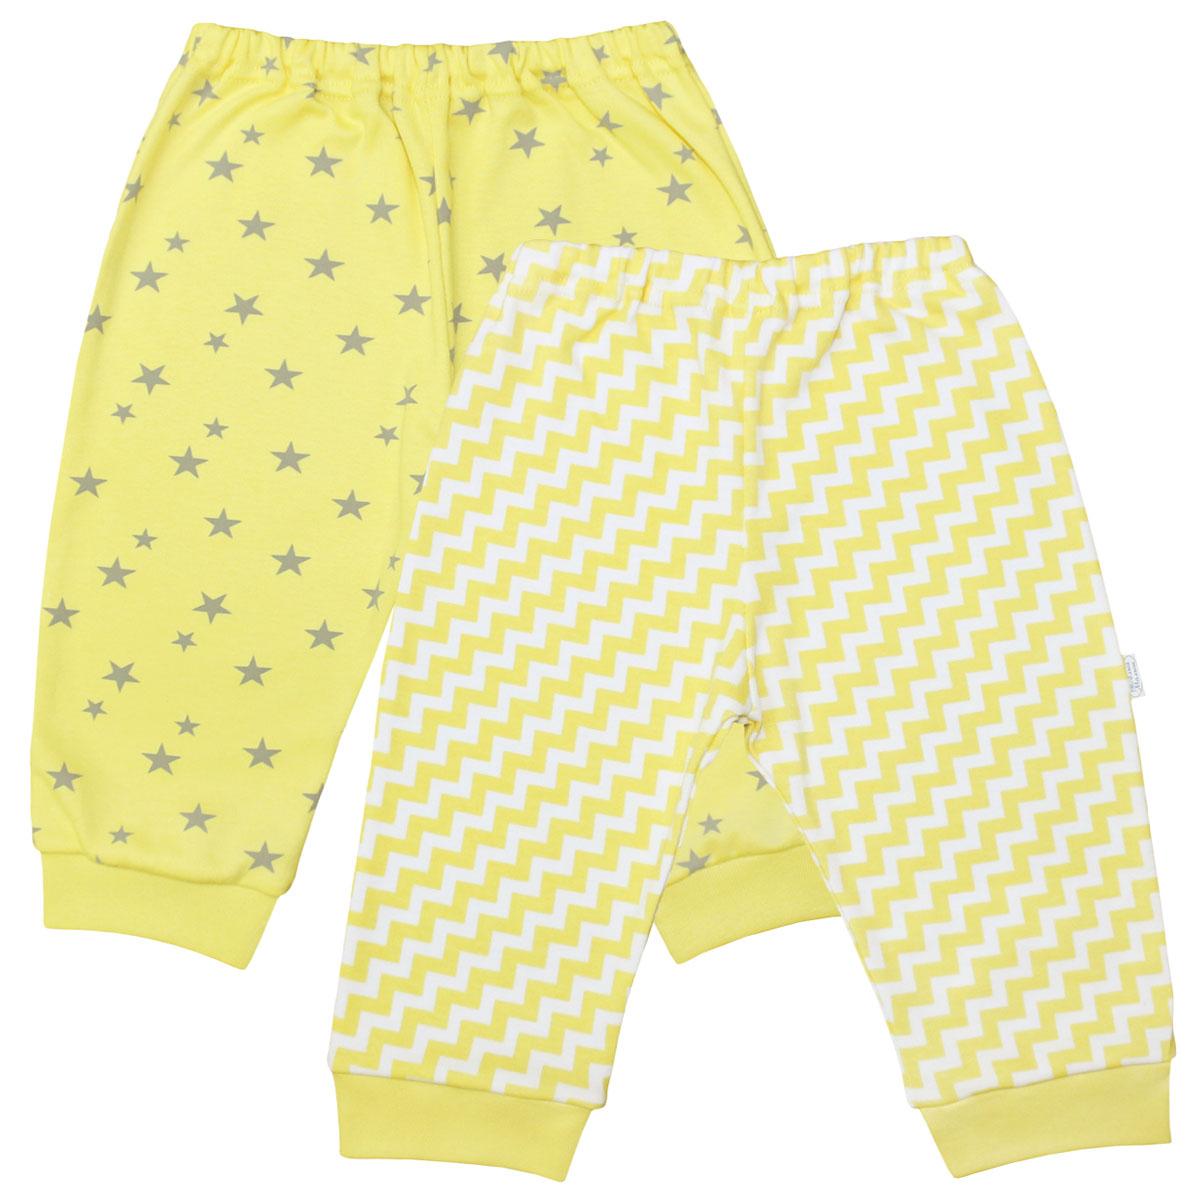 Штанишки для мальчика Веселый малыш One, цвет: желтый. 33150/One-Зигзаг. Размер 8033150Штанишки для мальчика послужат идеальным дополнением к гардеробу вашего малыша, обеспечивая ему наибольший комфорт. Модель изготовлена из качественного материала, благодаря чему она необычайно мягкая и легкая, не раздражает нежную кожу ребенка и хорошо вентилируется, а эластичные швы приятны телу младенца и не препятствуют его движениям. Штанишки, благодаря мягкому эластичному поясу не сдавливают животик малыша и не сползают, идеально подходят для ношения с подгузником и без него. Понизу они дополнены широкими трикотажными манжетами. Штанишки полностью соответствуют особенностям жизни ребенка в ранний период, не стесняя и не ограничивая его в движениях.